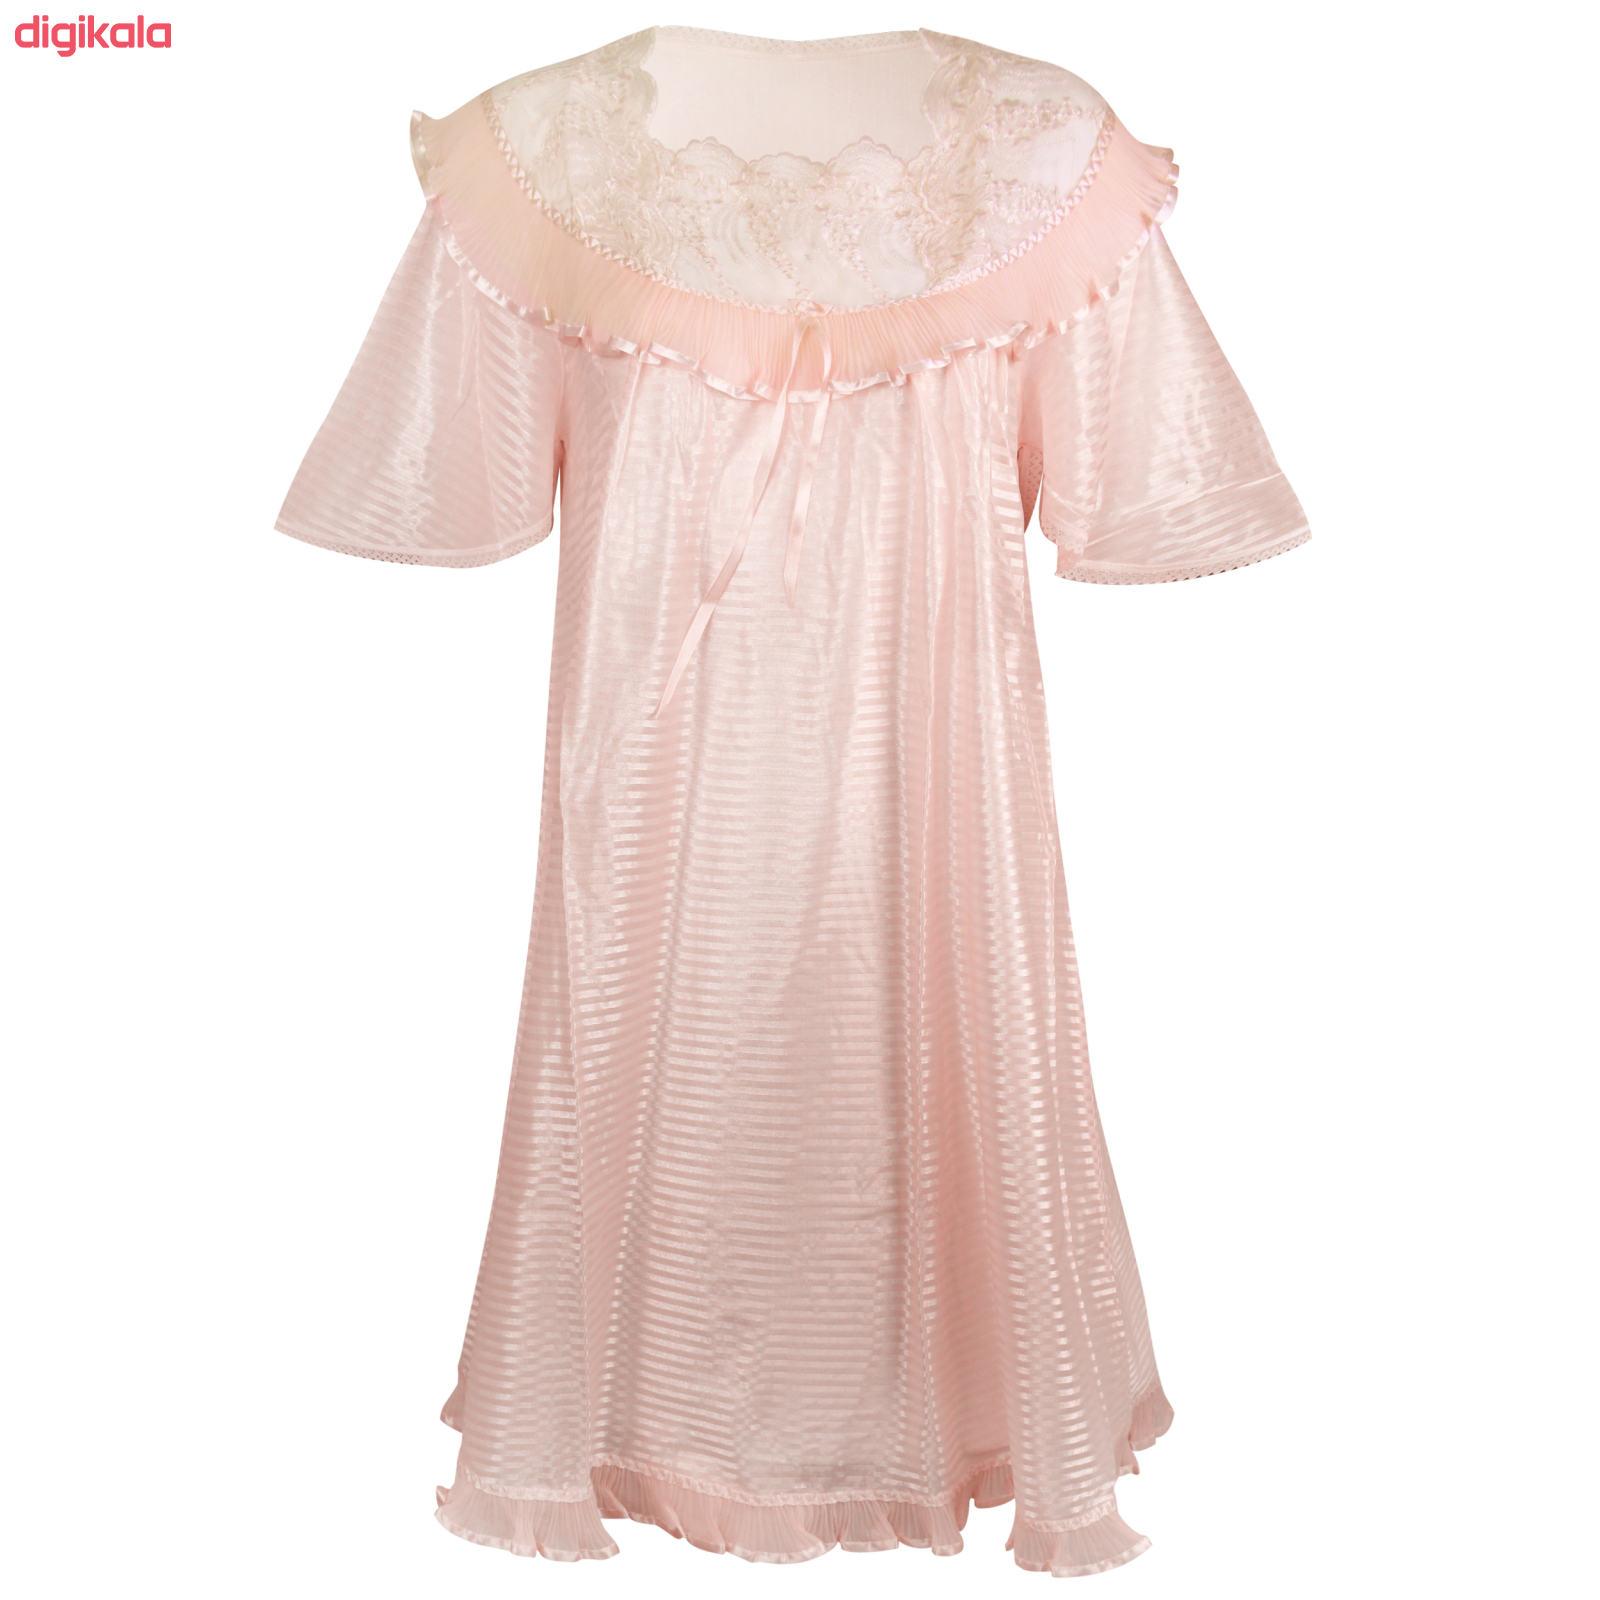 لباس خواب زنانه ماییلدا مدل 3595-1 main 1 1